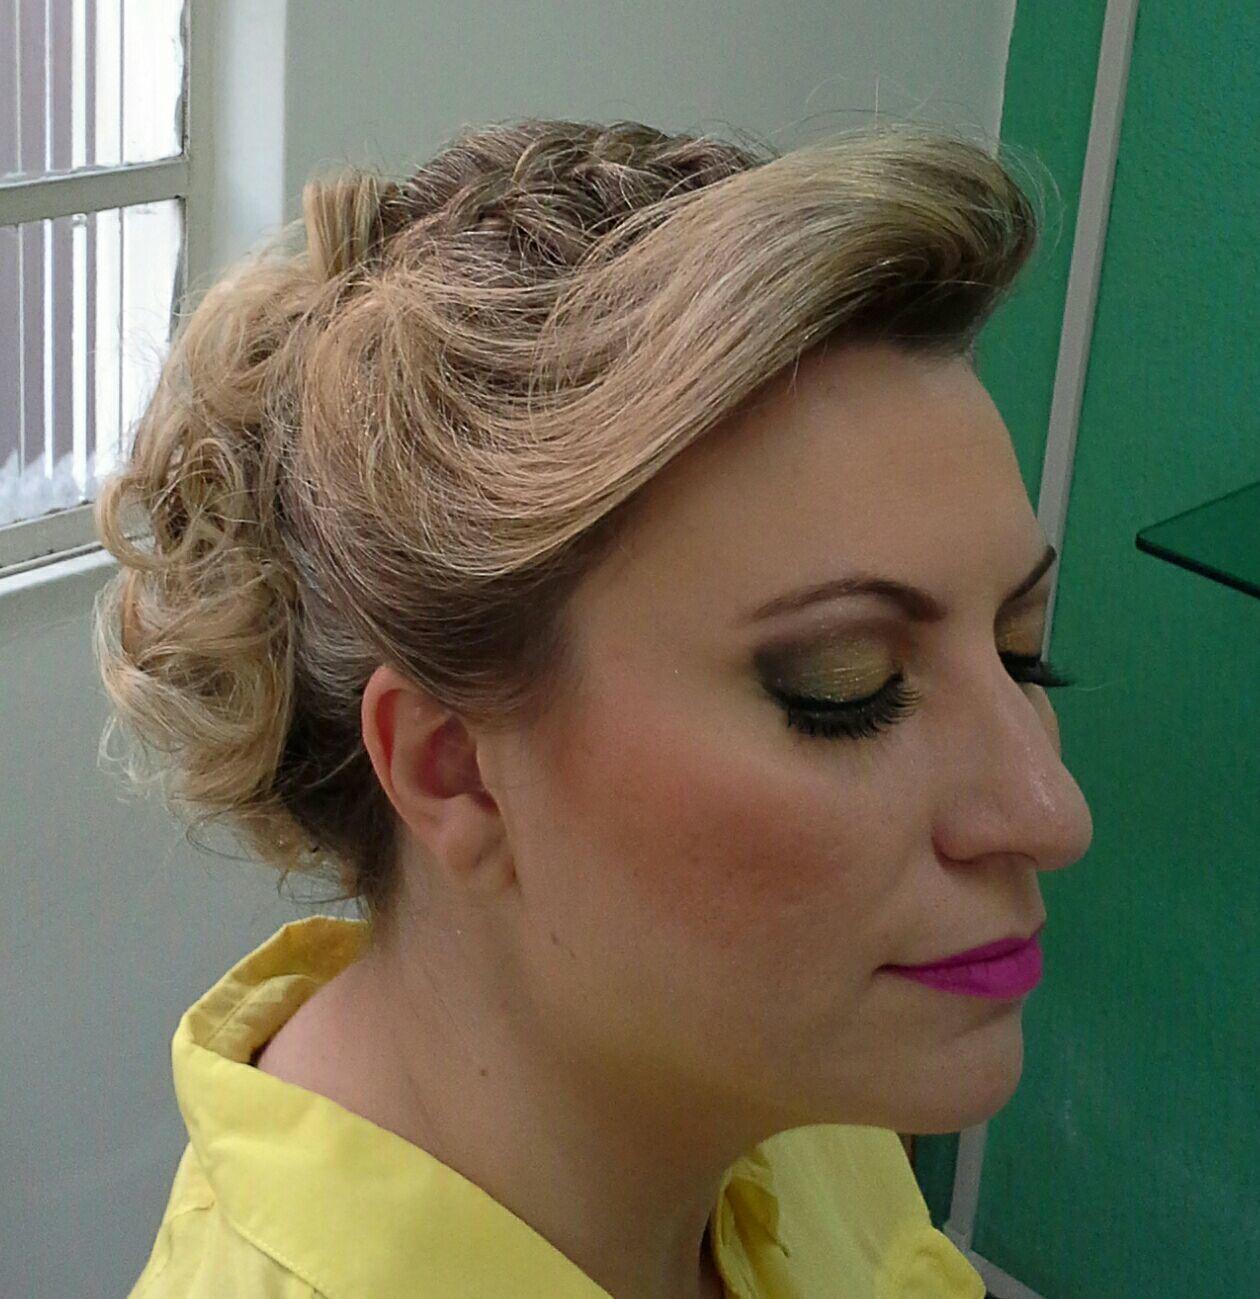 Penteado e  maquiagem maquiagem stylist / visagista cabeleireiro(a)